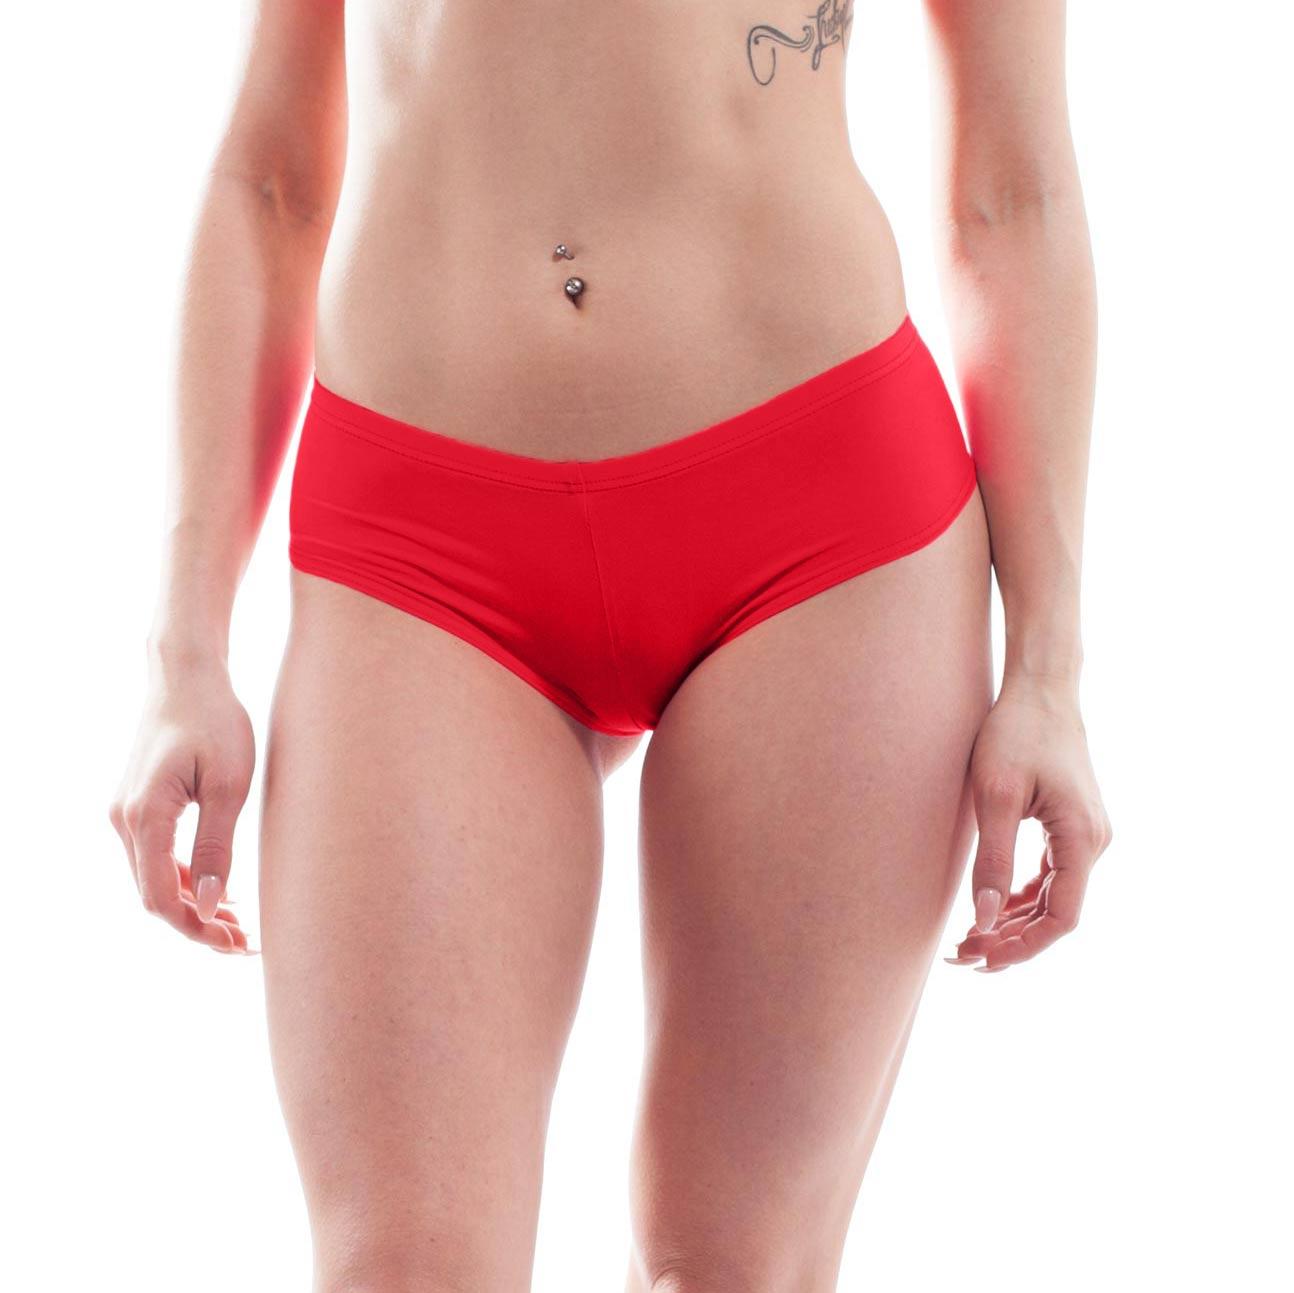 Immer vorrätig, denn die BEUN Damen Hotpants320F8R ist Never-Out-of-Stock und gehört damit zu den Wojoer NOS-Produkten. Größen Erhältlich in den Größen S, M, L, XL Materialzusammensetzung BEUN: 82% Polyamid, 18% Elasthan Besonderheiten NOS Produkt | badetauglich | seidenmatte Oberflächenoptik | leicht transparent | luftig | schnell…